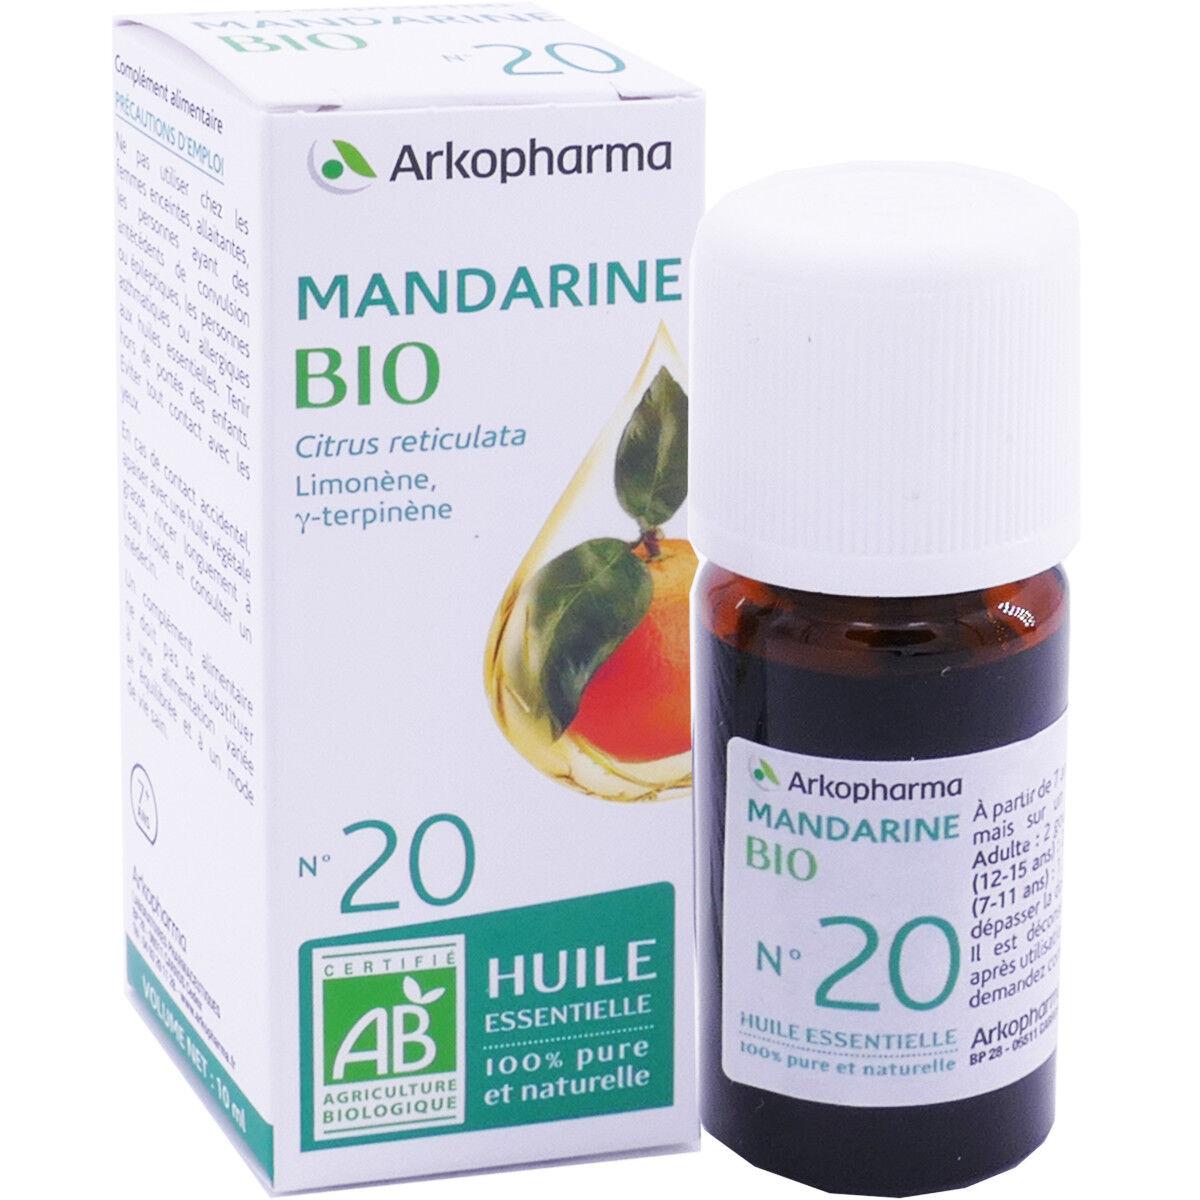 Arkopharma huile essentielle mandarine bio n°20 10 ml